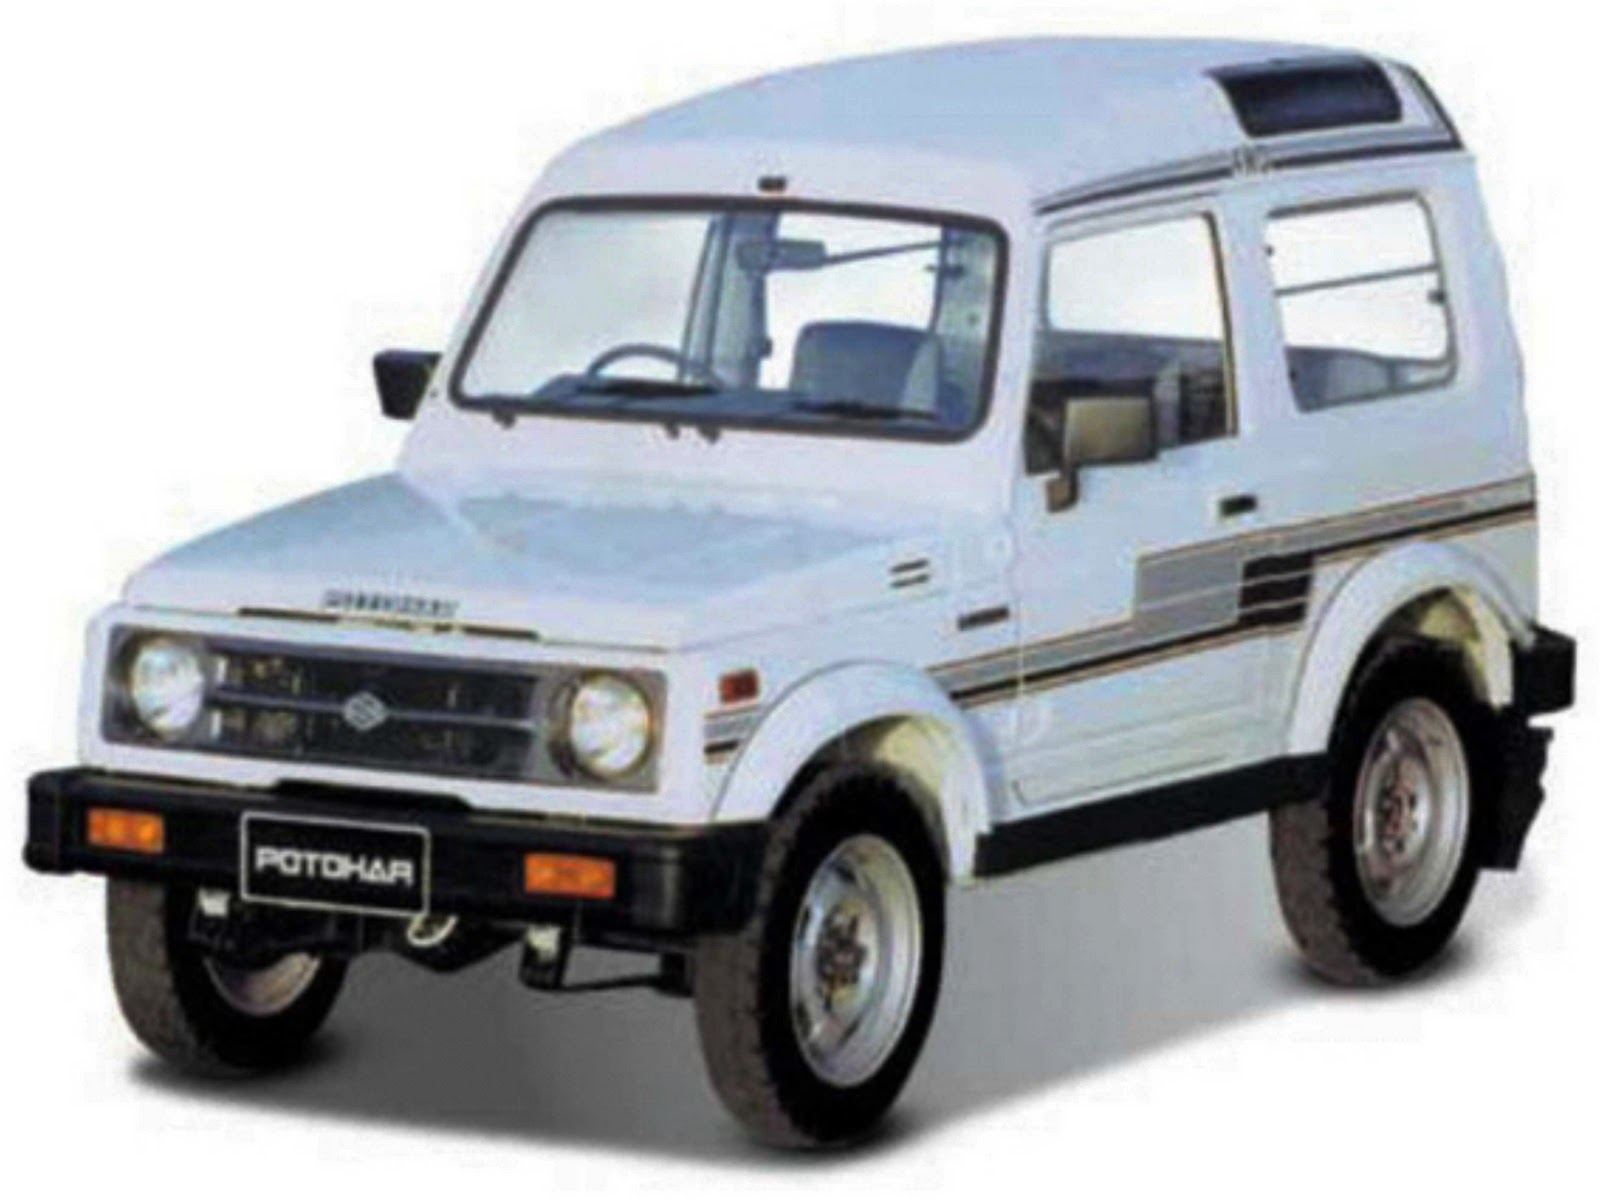 Suzukijeepinfo 1989 Suzuki Sj410 Sj413 Country Katana Potohar 89 Sidekick Wiring Diagram Caribian Sporty Asia Edition